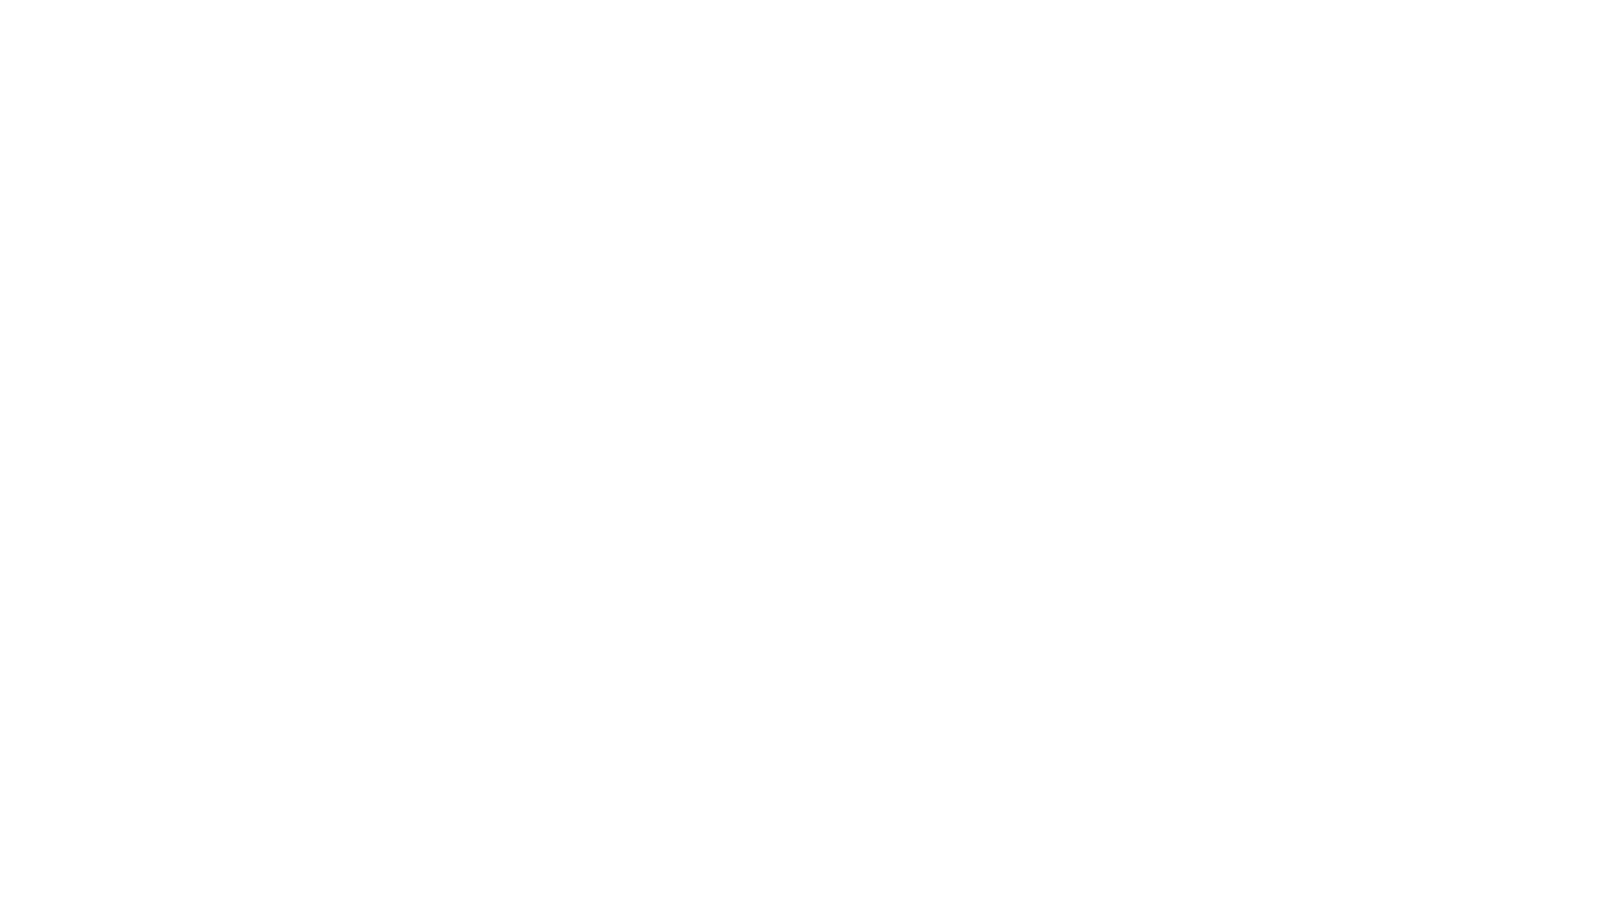 ANATOMIE FORZATE di Angelo Gallo Il 24 Giugno 2021, presso la Galleria 291 Est di Roma, aprirà al pubblico la personale di Angelo Gallo: Anatomie Forzate. Sempre rimanendo nel mondo della calcografia, dal 20 al 24 Giugno si propone collateralmente la sesta tappa del suo progetto itinerante Random Recipient.  Anatomie Forzate dell'incisore e visual artist Angelo Gallo è frutto di una fervente collaborazione con il laboratorio di calcografia sostenibile Galleria 291 Inc.  In questo progetto, che è l'evoluzione del precedente concept Uccelli Senza Ali, l'artista cosentino sperimenta lo sviluppo delle tecniche calcografiche e l'avvicinamento al mondo del no-toxic e della photogravure. Infatti i nuovi lavori inseriti in Anatomie Forzate sono l'immagine finale di una serie di sovrapposizioni di stampa, pensate come stratificazioni di diverse elaborazioni tecniche. Questo approccio però non è inedito: le stampe a matrice multipla sono state già presentate, con una prima serie di cinque tavole, presso il Museo della Stampa di Soncino (CR).